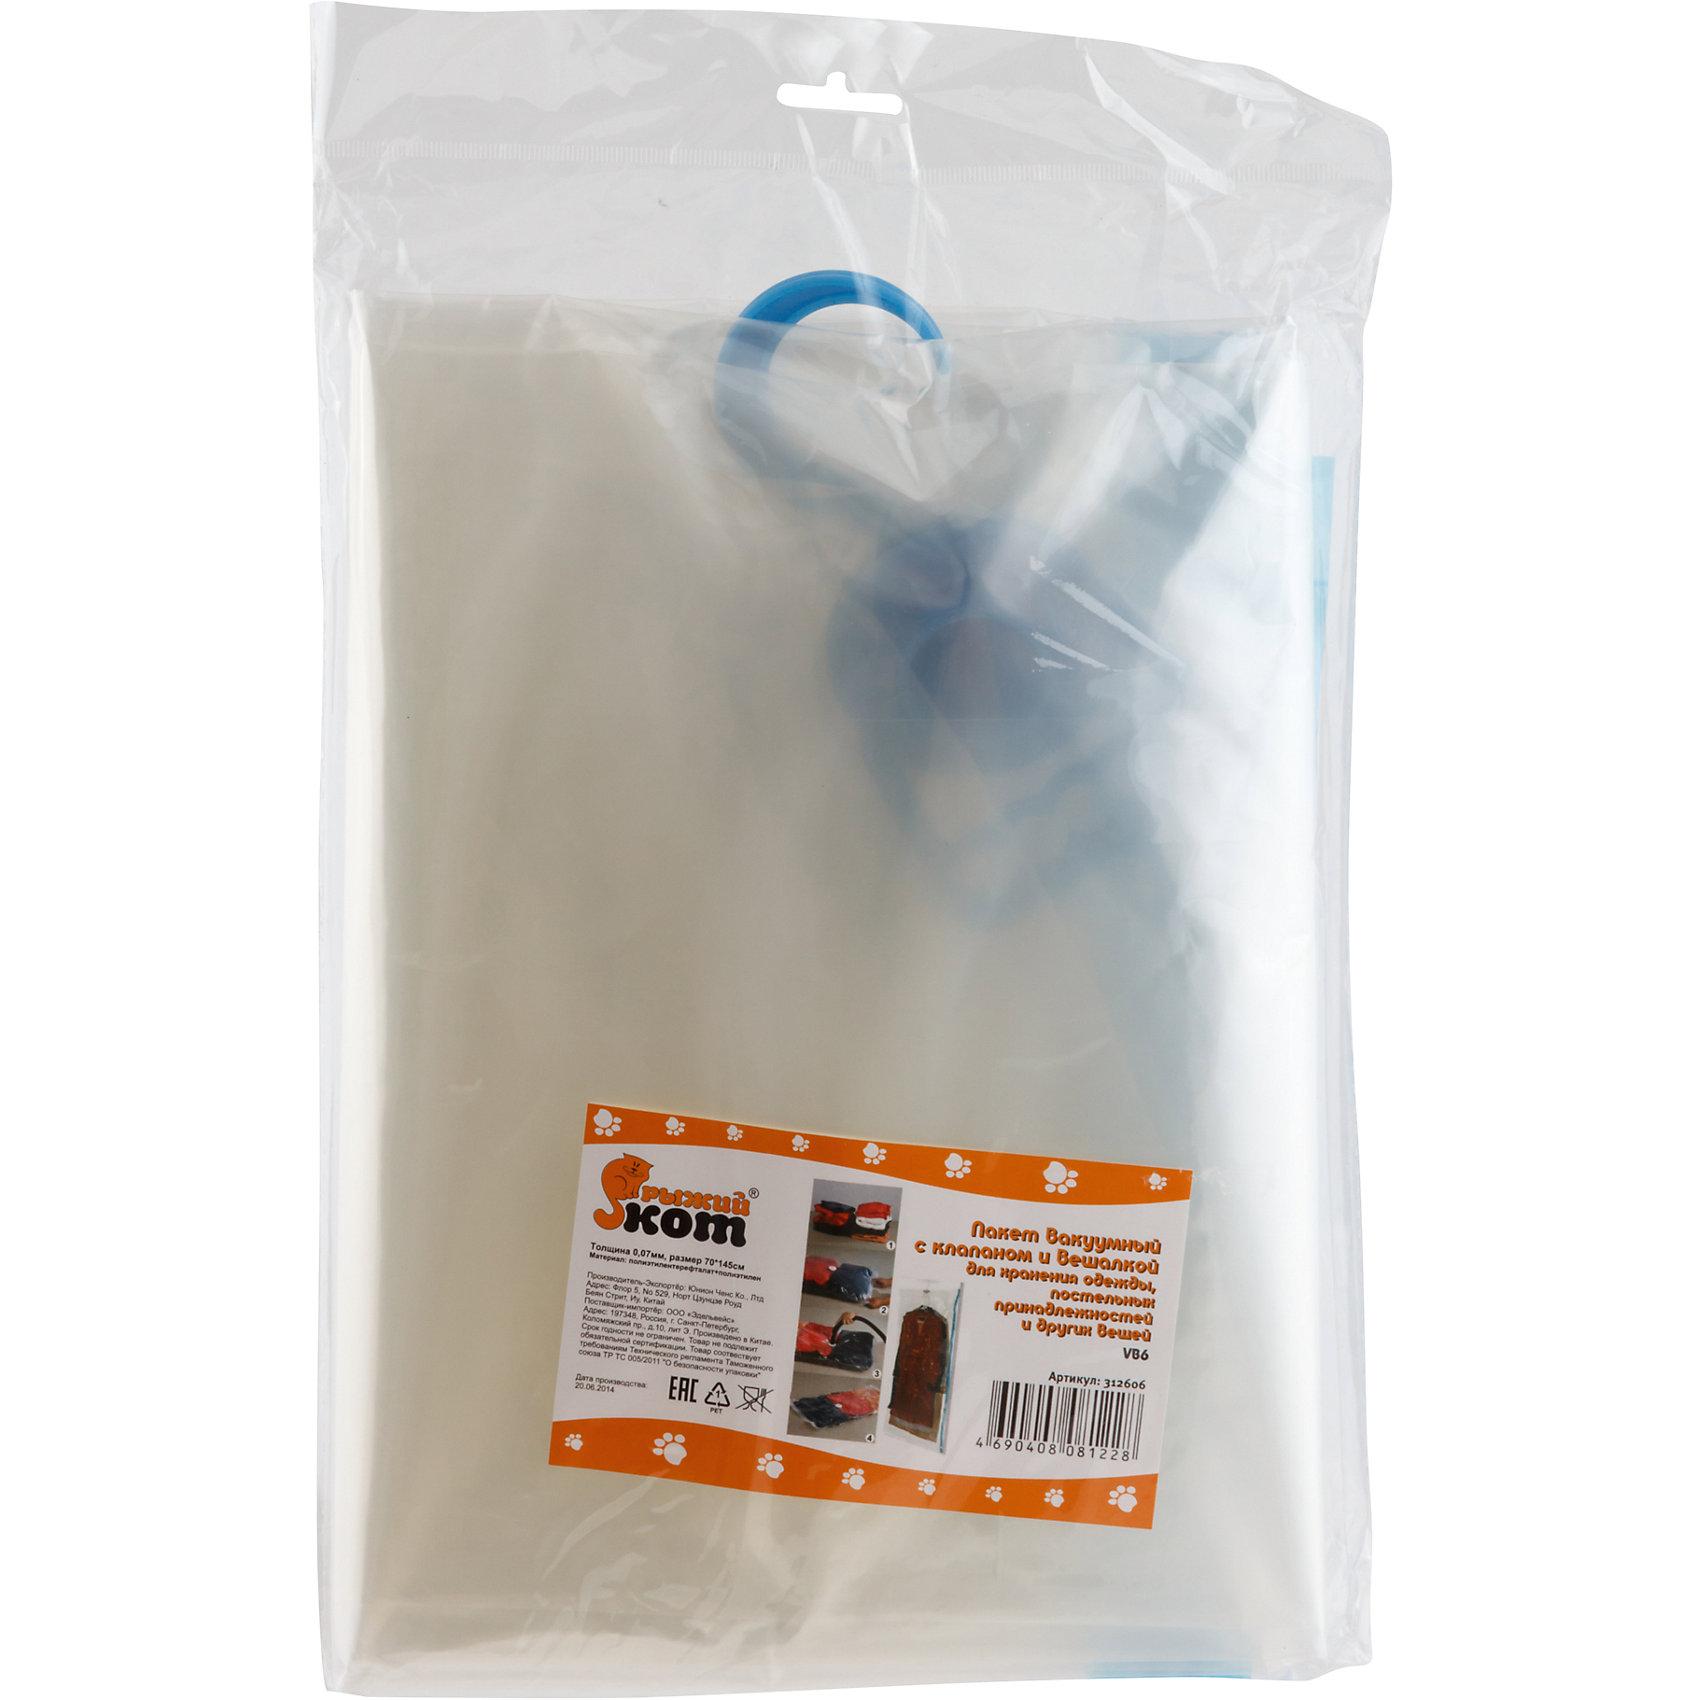 Вакуумный пакет с клапаном и вешалкой 70*145 смВакуумные пакеты помогут Вам решить проблему хранения большого количества вещей в доме. С их помощью даже самые объемные вещи гардероба превратятся в небольшие и компактно сложенные. Для упаковки Вам потребуется насос для вакуумных пакетов (продается отдельно). Сложите выбранные вещи в вакуумный пакет и соедините насос со специальным клапаном, расположенном на поверхности пакета. Прикладывая небольшую силу, откачайте из пакета воздух, благодаря чему вещи начнут моментально таять в объёмах. Вакуумные пакеты также отлично подойдут для компактного размещения вещей в чемодане во время поездок и путешествий. Имеется вешалка для удобного хранения.<br><br>Дополнительная информация:<br><br>- В комплекте: 1 пакет.<br>- Насос продается отдельно!<br>- Материал: полиэтилентерефталат, полиэтилен.<br>- Размер: 70 х 145 см.<br>- Толщина: 0,07 мм.<br>- Вес: 207 гр.<br><br>Пакет вакуумный для хранения с клапаном и вешалкой VB6, 70*145 см., Рыжий кот, можно купить в нашем интернет-магазине.<br><br>Ширина мм: 340<br>Глубина мм: 210<br>Высота мм: 50<br>Вес г: 207<br>Возраст от месяцев: 36<br>Возраст до месяцев: 2147483647<br>Пол: Унисекс<br>Возраст: Детский<br>SKU: 4288575